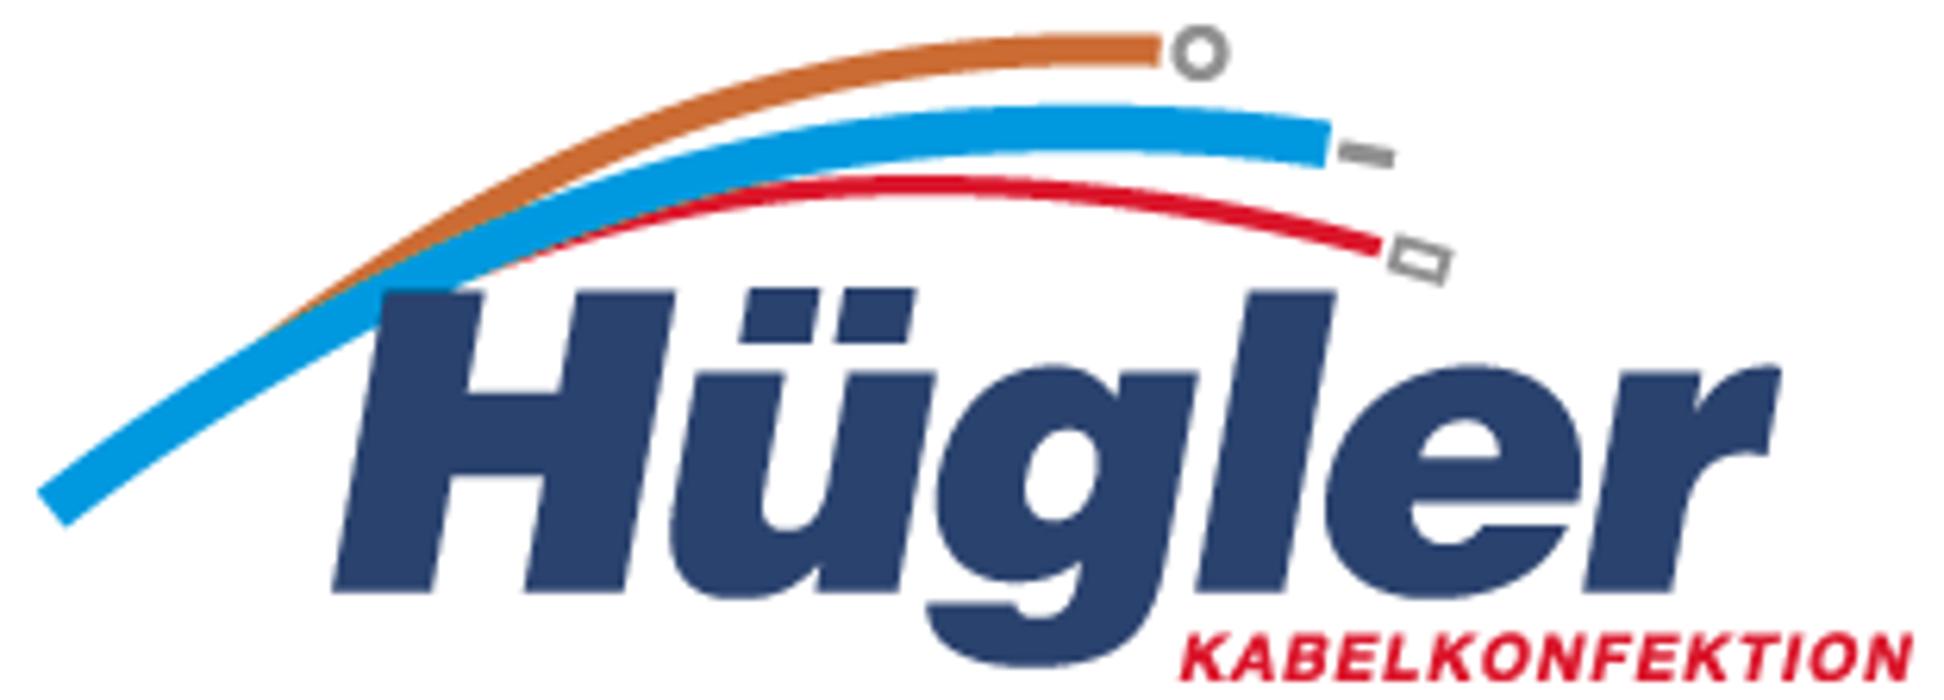 Bild zu Kabelkonfektion Hügler GmbH in Aulendorf